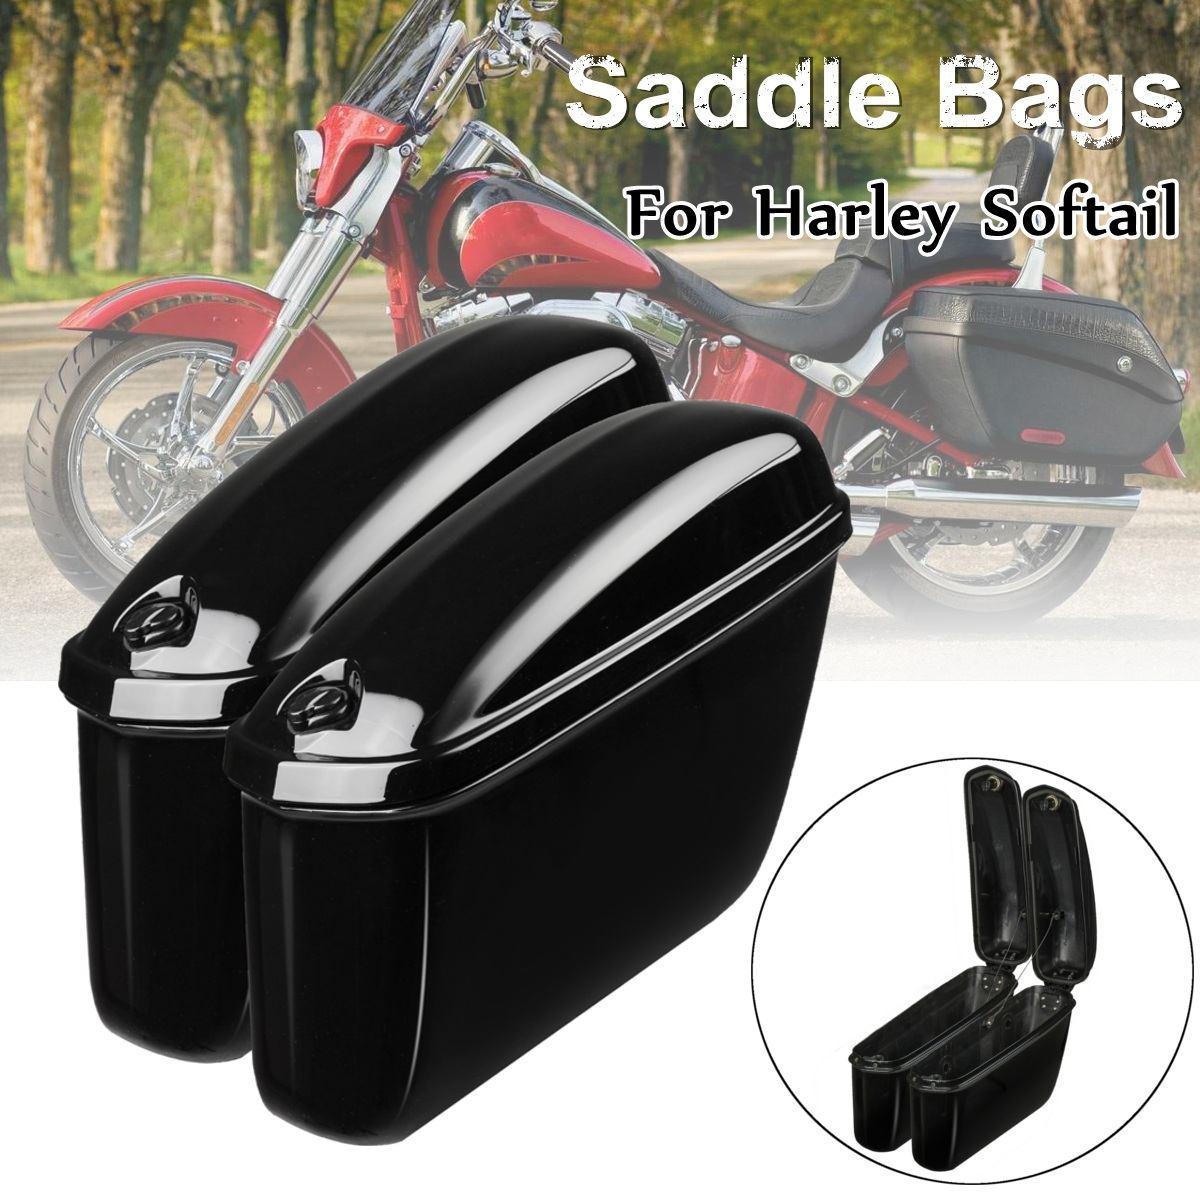 1 пара Мотоцикл магистральные сумки сбоку жесткий коробка для Harley Softail в кожаные седельные сумки